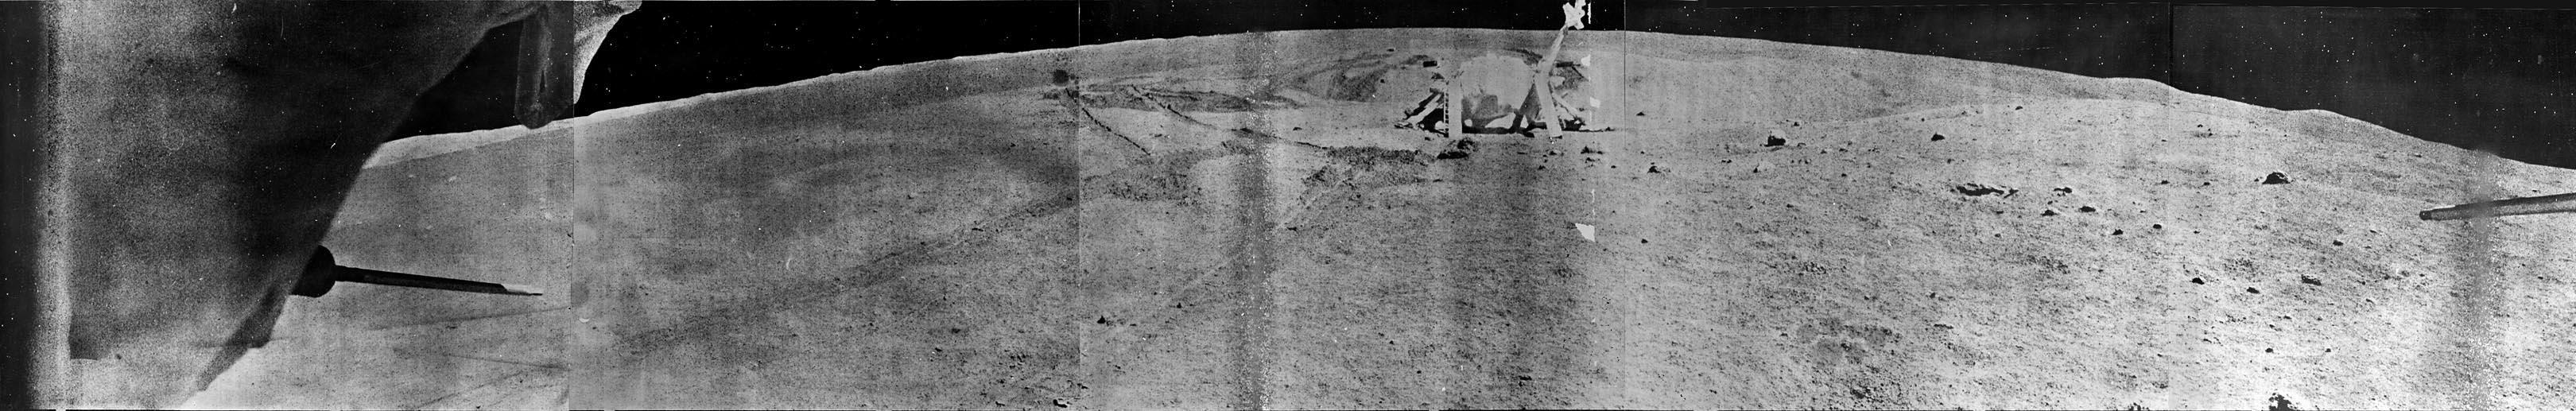 Widok Łuny 21 z pokładu Łunochoda 2. Źródło: http://mentallandscape.com/C_CatalogMoon.htm